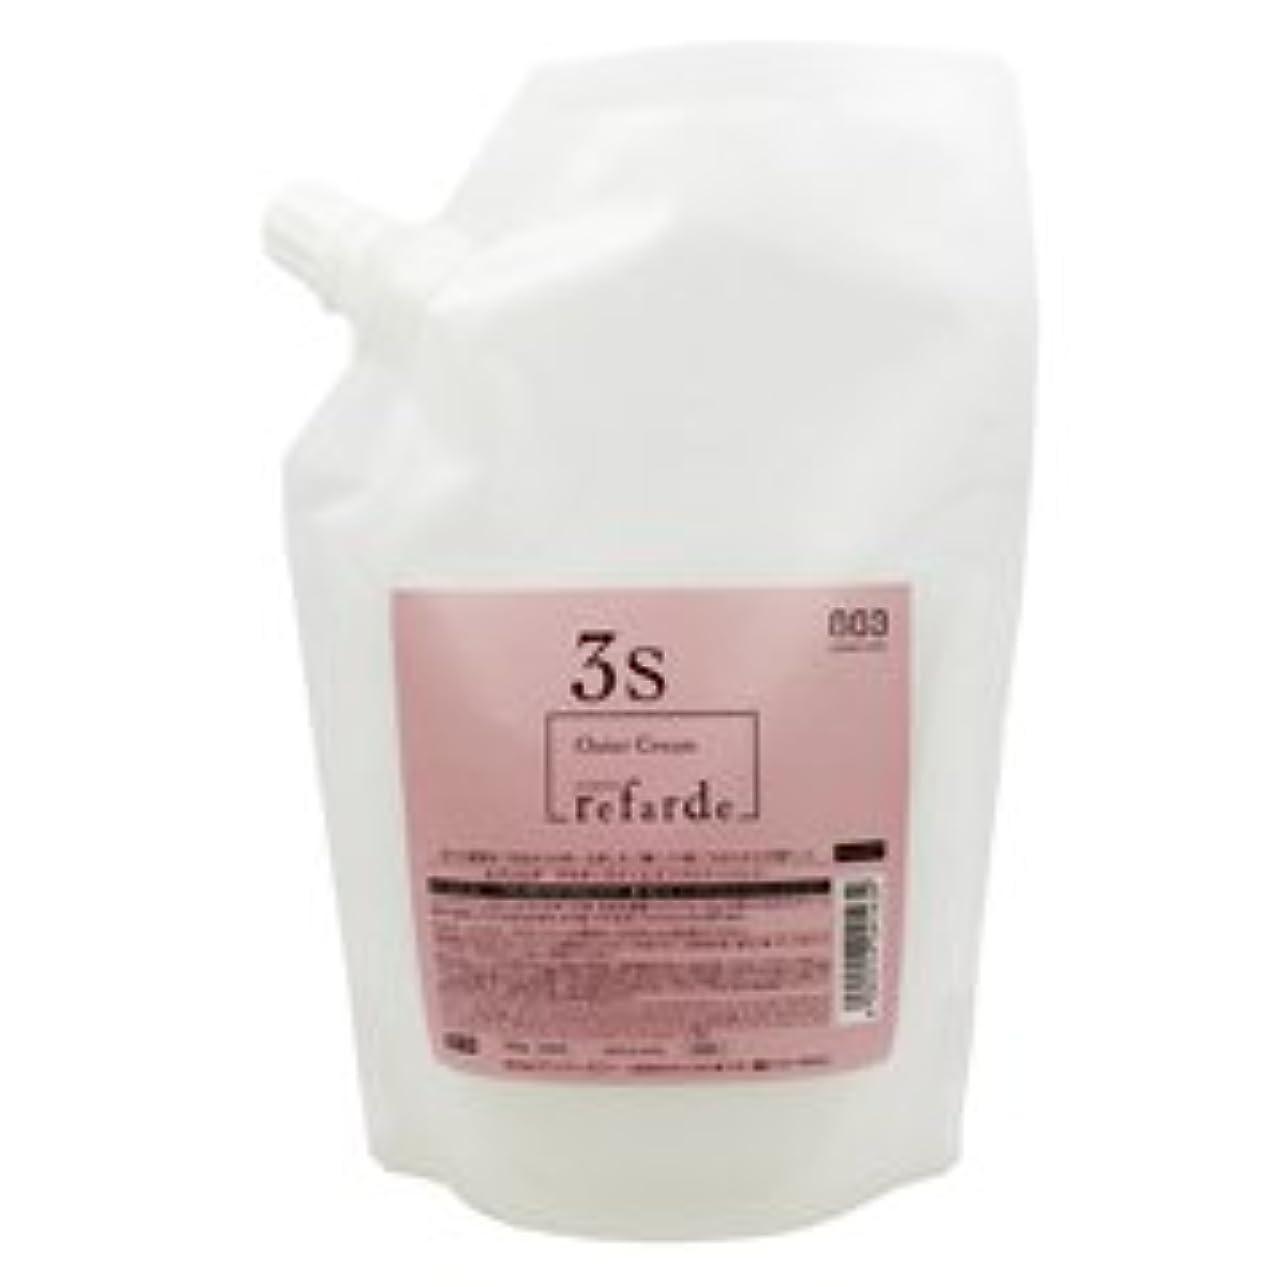 一次許さないキッチン【ナンバースリー】ルファルデ アウタークリーム 3S(さらさら) (レフィル) 500g